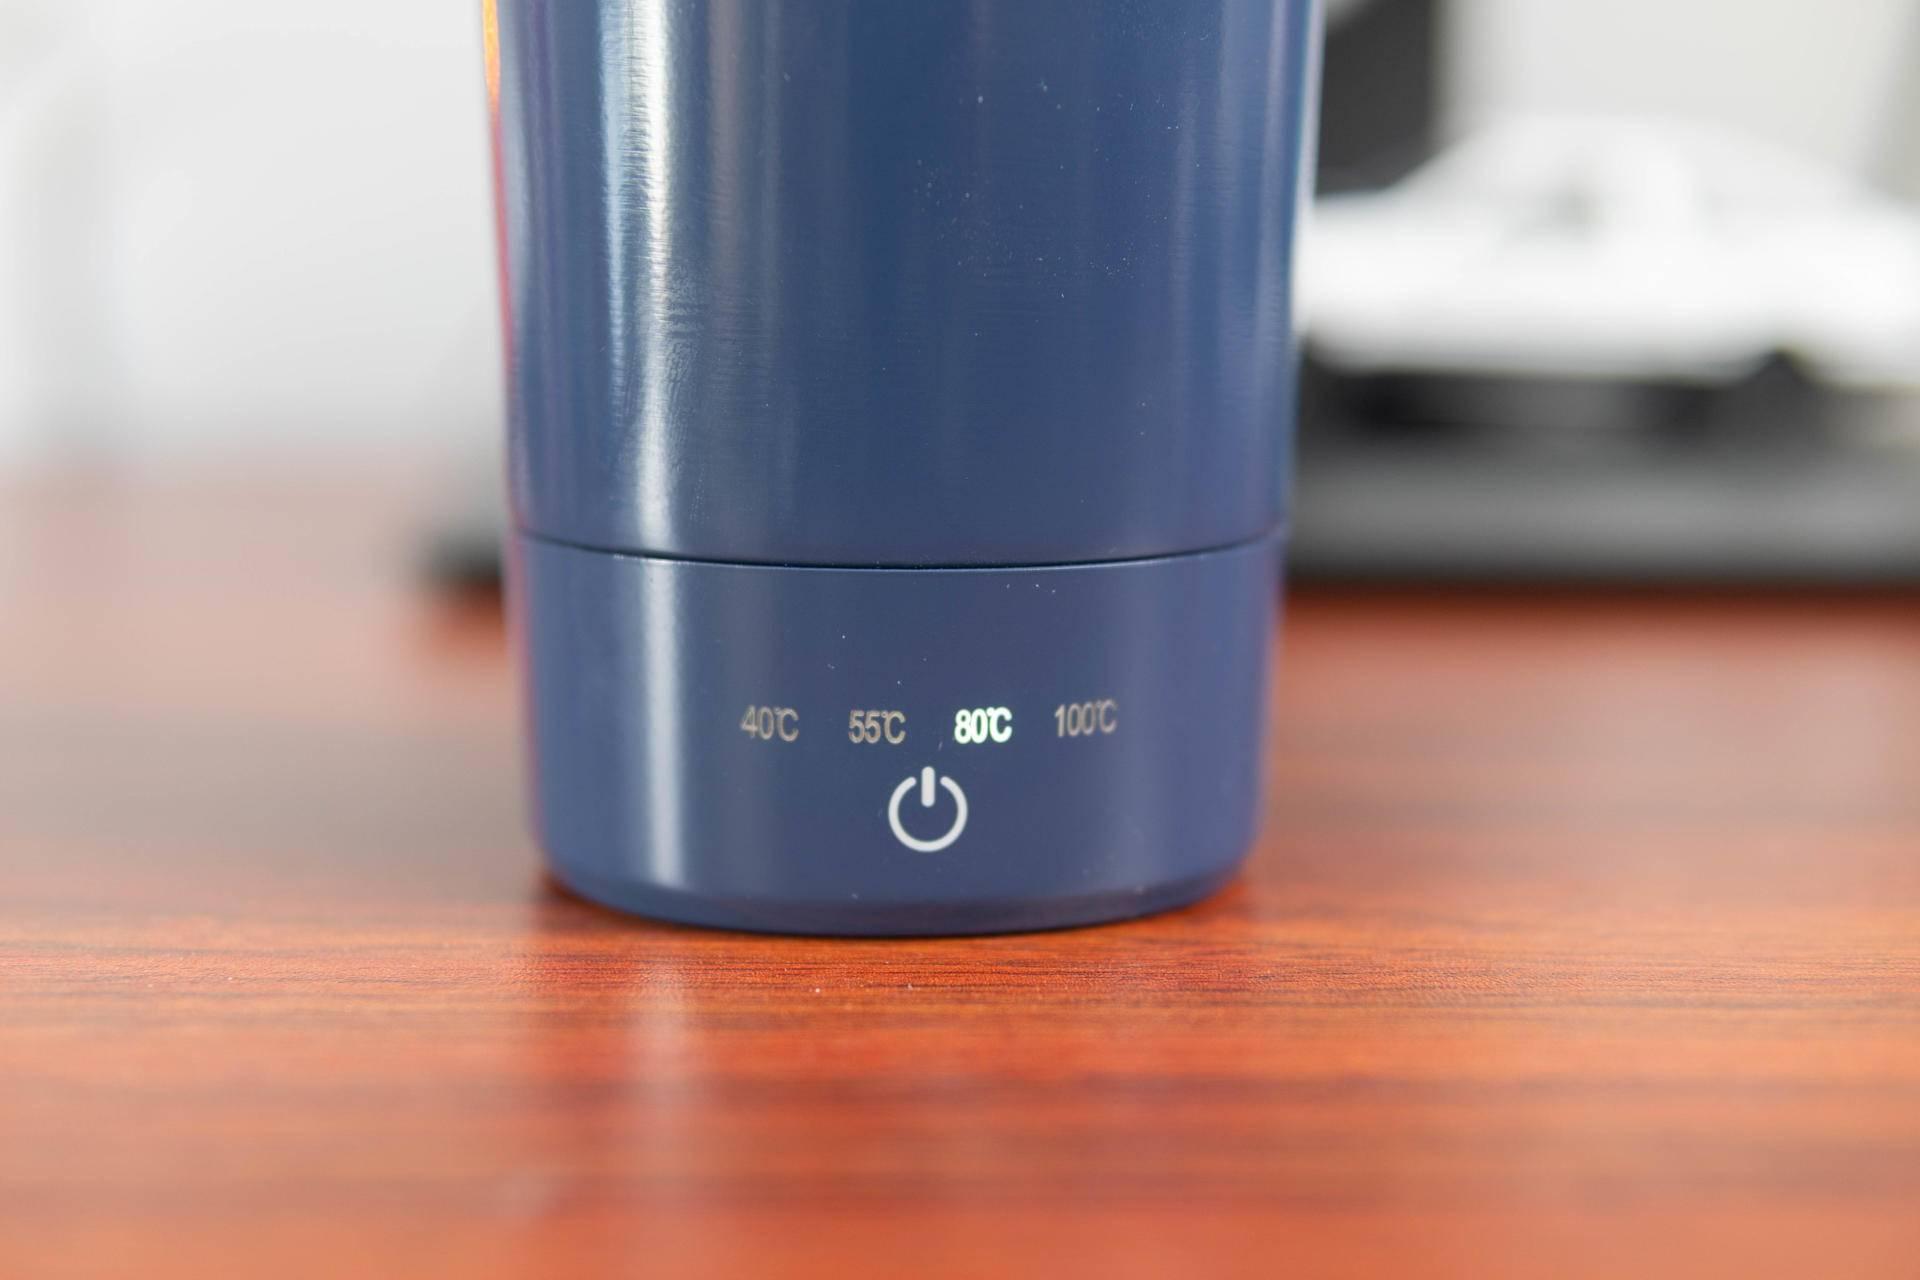 光说多喝热水没有用,摩飞便携烧水杯6分钟给你一杯健康热水